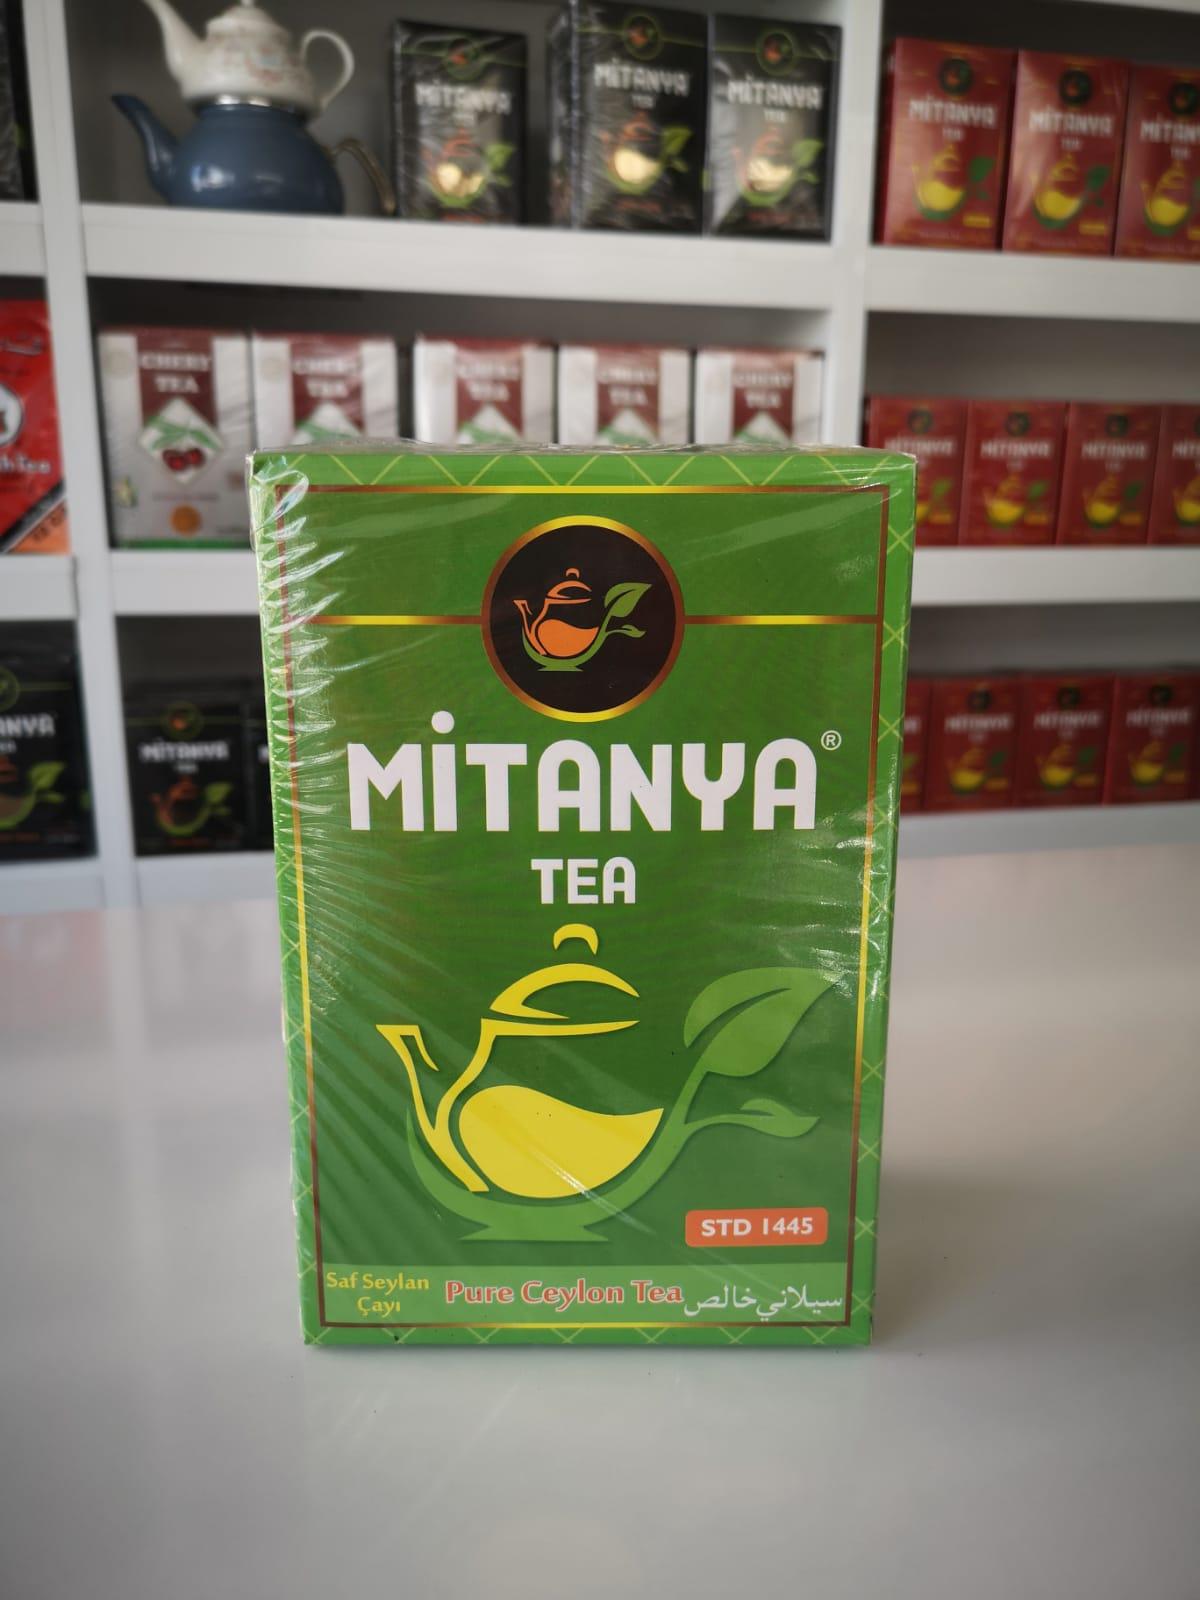 Mitanya STD 1445 (Kırık Çay) 800 gr